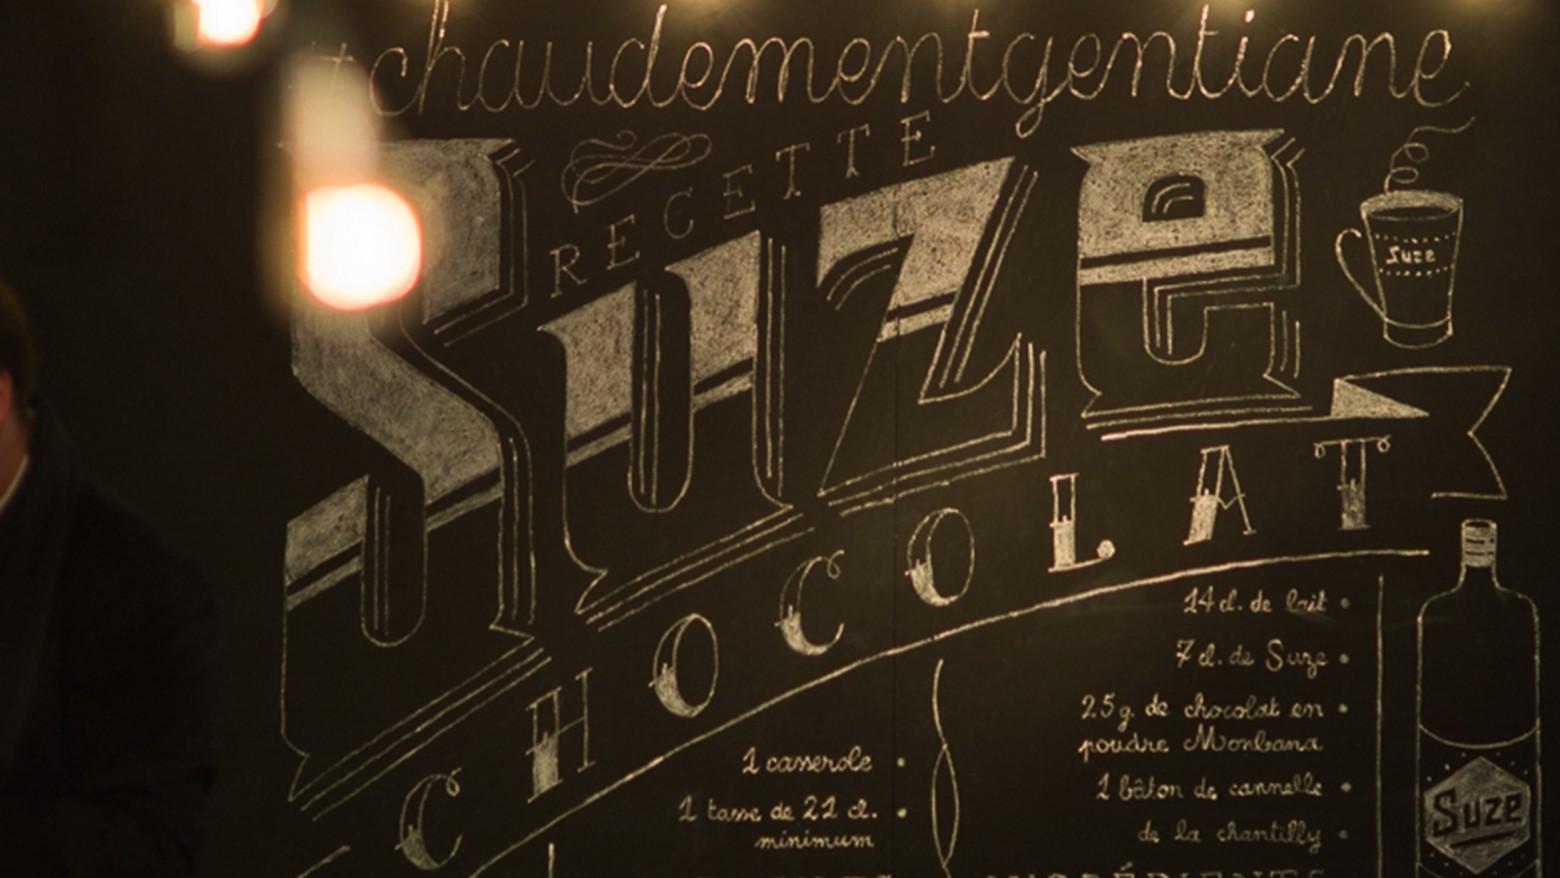 Scnographie Suze Chocolat Cocktail Chaud Atelier Nils Rousset